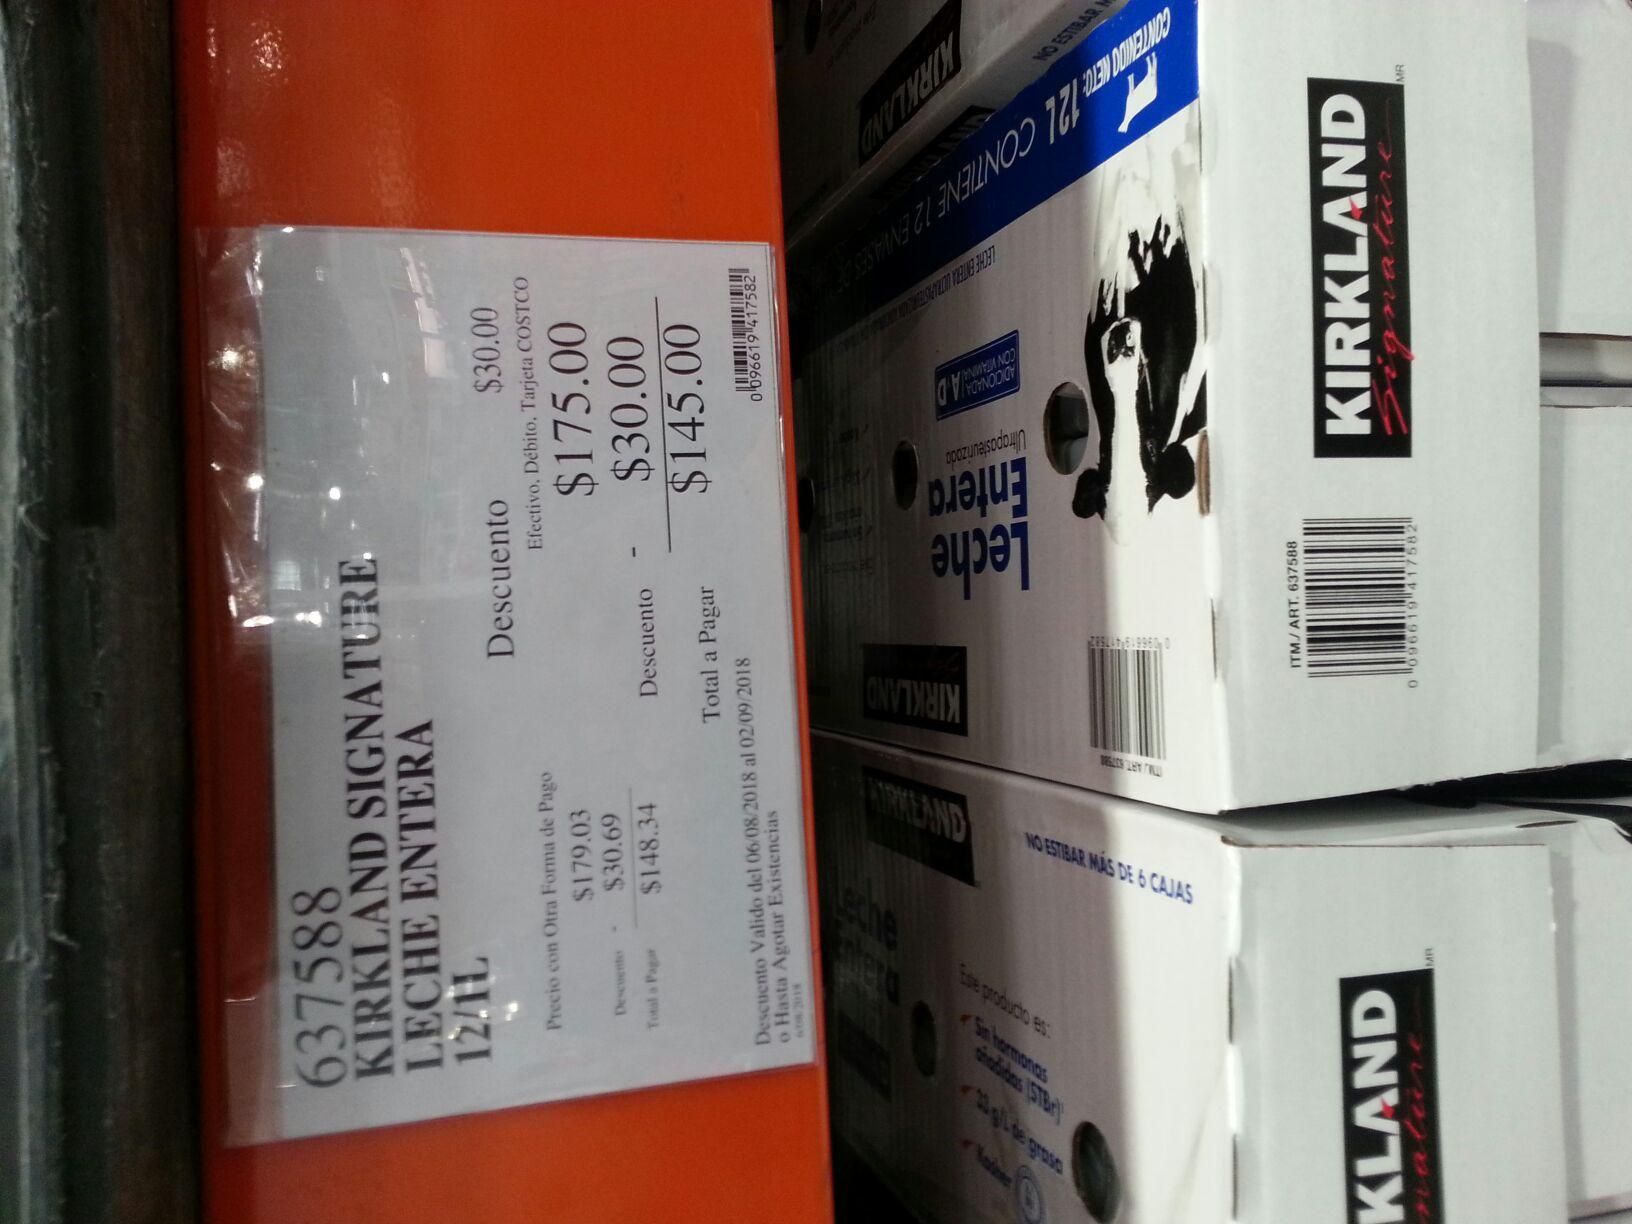 Costco Culiacan: Leche Kirkland $12 el litro